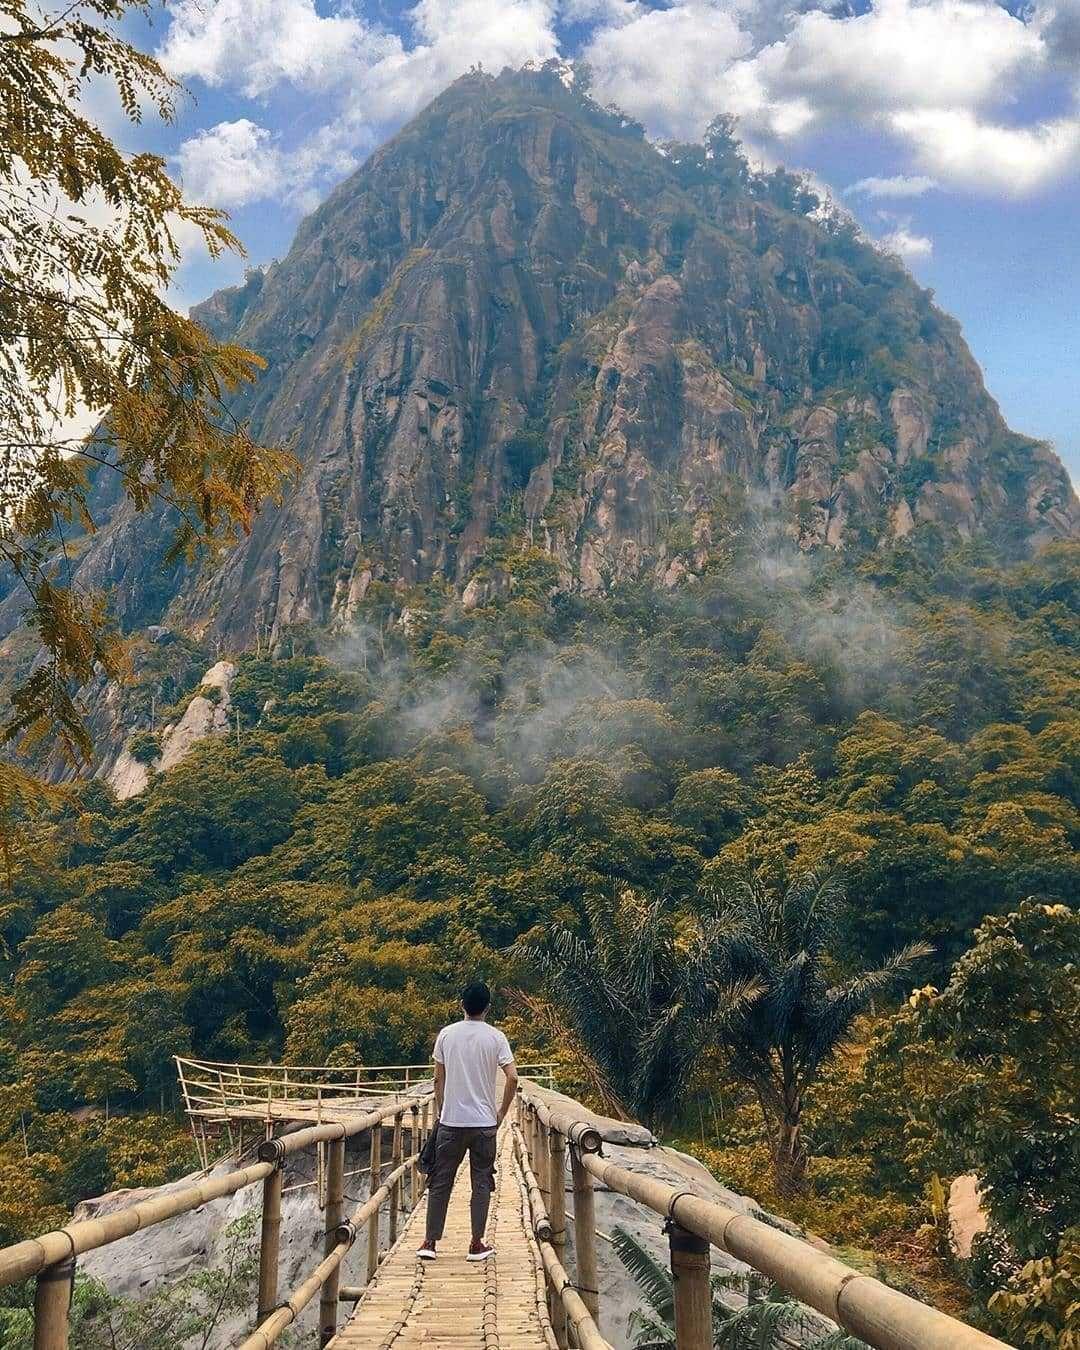 Gunung Bongkok Jawa Barat Cocok Untuk Pendaki Pemula Pemandangan Mendaki Pegunungan